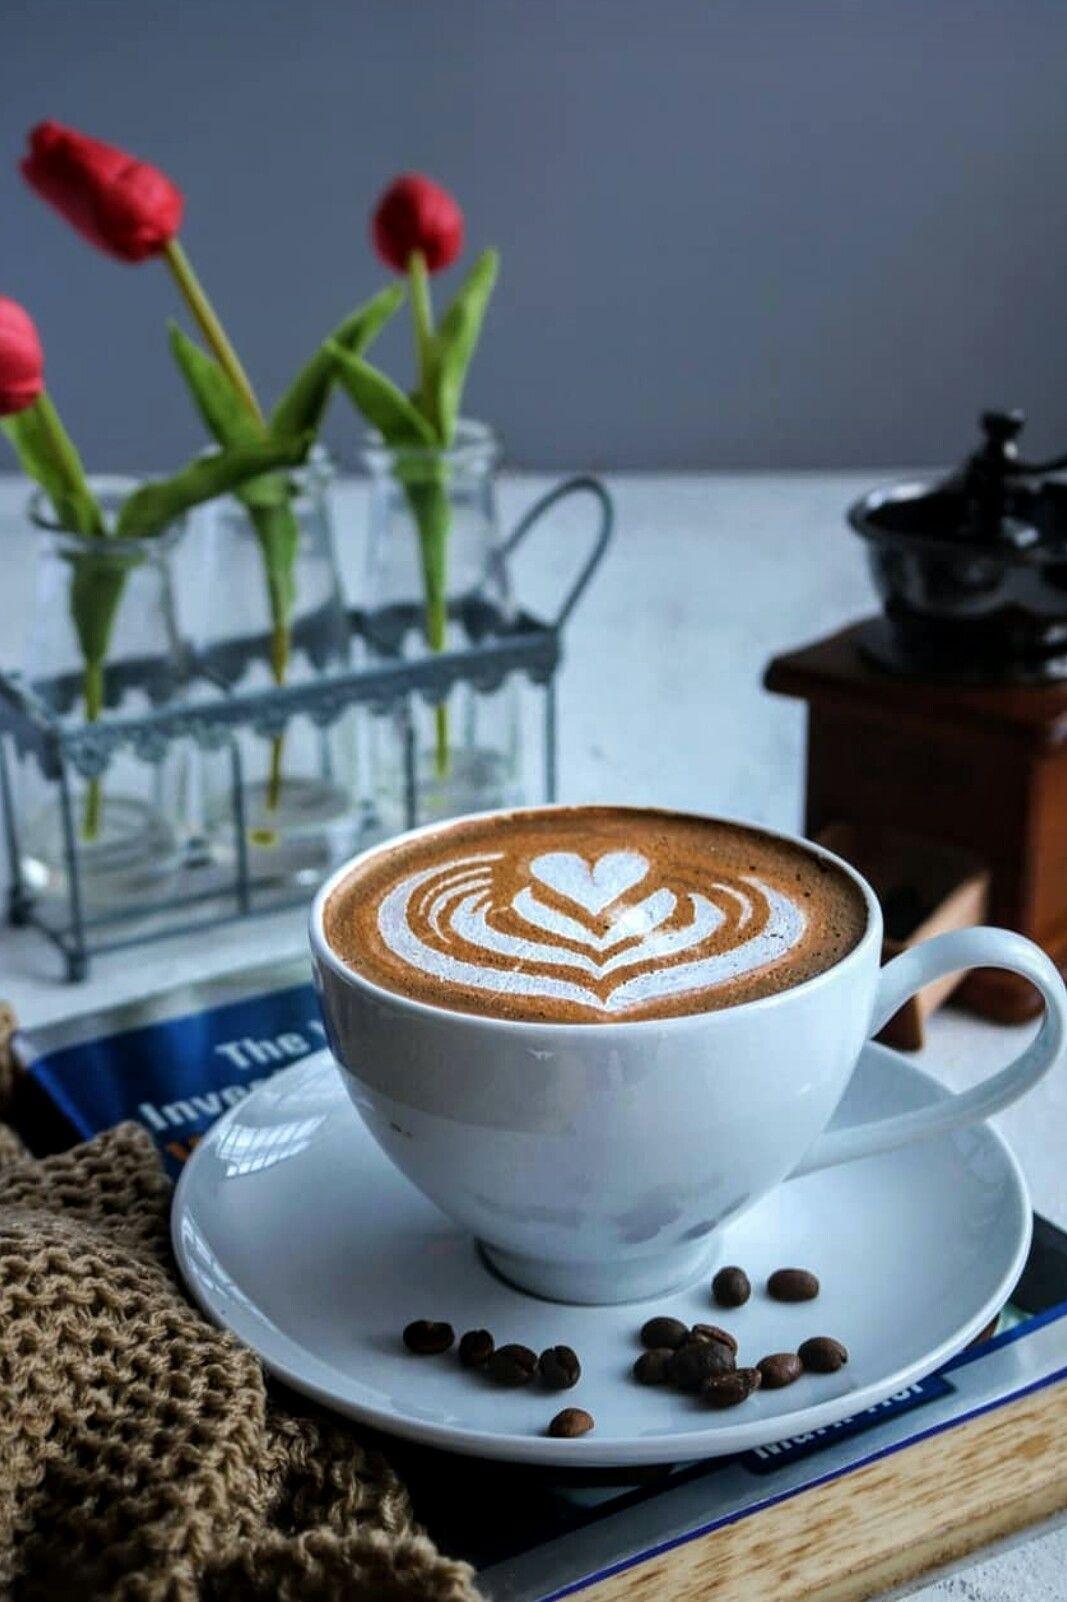 Картинка с добрым утром группа большая чашка кофе, ночи картинки пожеланиями